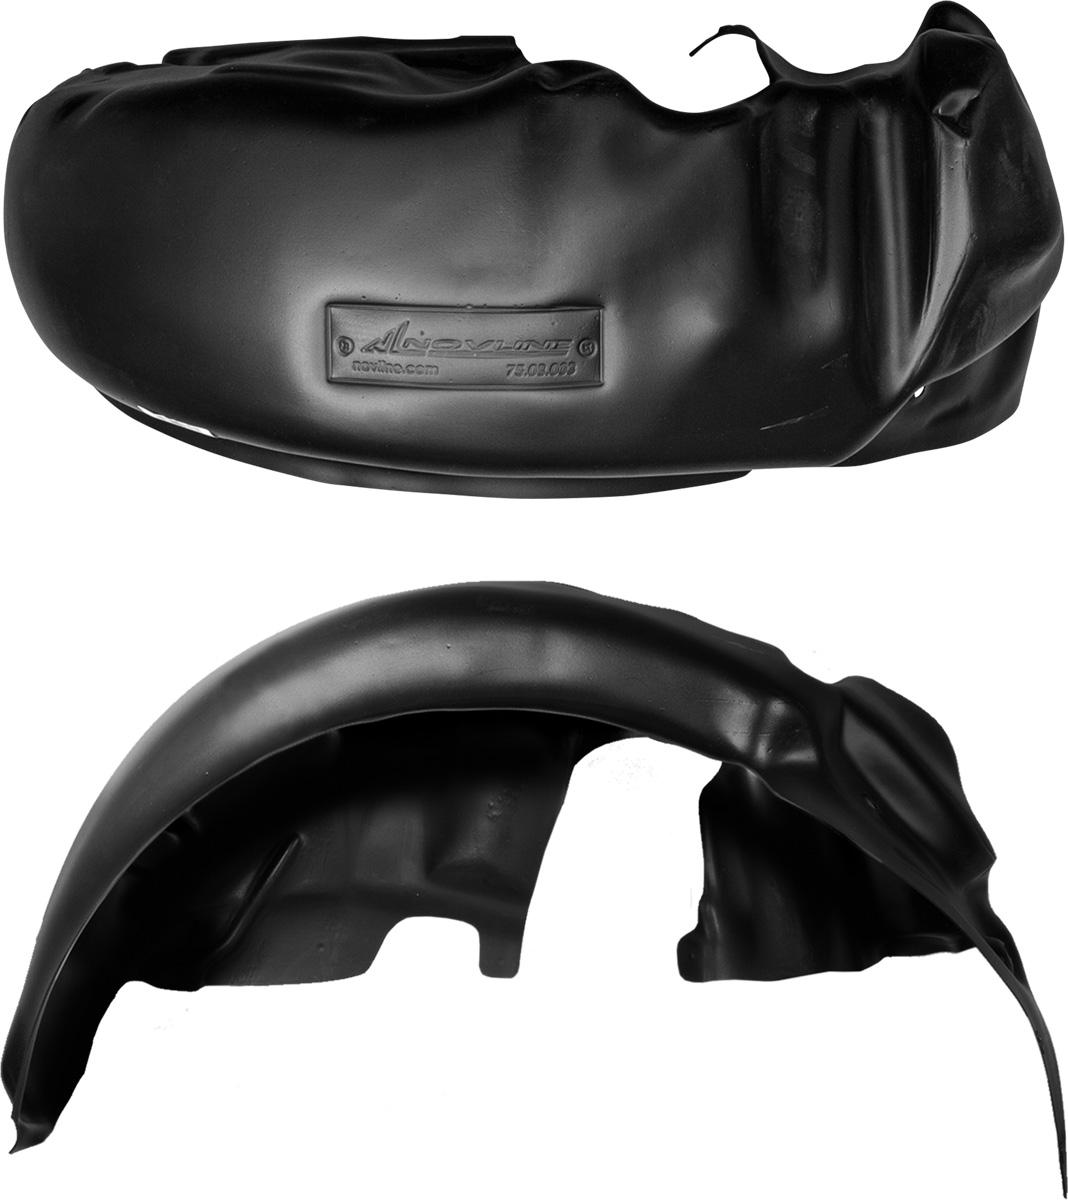 Подкрылок Novline-Autofamily, для Mitsubishi Pajero IV, 2006->, передний левыйNLL.35.16.001Колесные ниши - одни из самых уязвимых зон днища вашего автомобиля. Они постоянно подвергаются воздействию со стороны дороги. Лучшая, почти абсолютная защита для них - специально отформованные пластиковые кожухи, которые называются подкрылками. Производятся они как для отечественных моделей автомобилей, так и для иномарок. Подкрылки Novline-Autofamily выполнены из высококачественного, экологически чистого пластика. Обеспечивают надежную защиту кузова автомобиля от пескоструйного эффекта и негативного влияния, агрессивных антигололедных реагентов. Пластик обладает более низкой теплопроводностью, чем металл, поэтому в зимний период эксплуатации использование пластиковых подкрылков позволяет лучше защитить колесные ниши от налипания снега и образования наледи. Оригинальность конструкции подчеркивает элегантность автомобиля, бережно защищает нанесенное на днище кузова антикоррозийное покрытие и позволяет осуществить крепление подкрылков внутри колесной арки практически без дополнительного крепежа и сверления, не нарушая при этом лакокрасочного покрытия, что предотвращает возникновение новых очагов коррозии. Подкрылки долговечны, обладают высокой прочностью и сохраняют заданную форму, а также все свои физико-механические характеристики в самых тяжелых климатических условиях (от -50°С до +50°С).Уважаемые клиенты!Обращаем ваше внимание, на тот факт, что подкрылок имеет форму, соответствующую модели данного автомобиля. Фото служит для визуального восприятия товара.